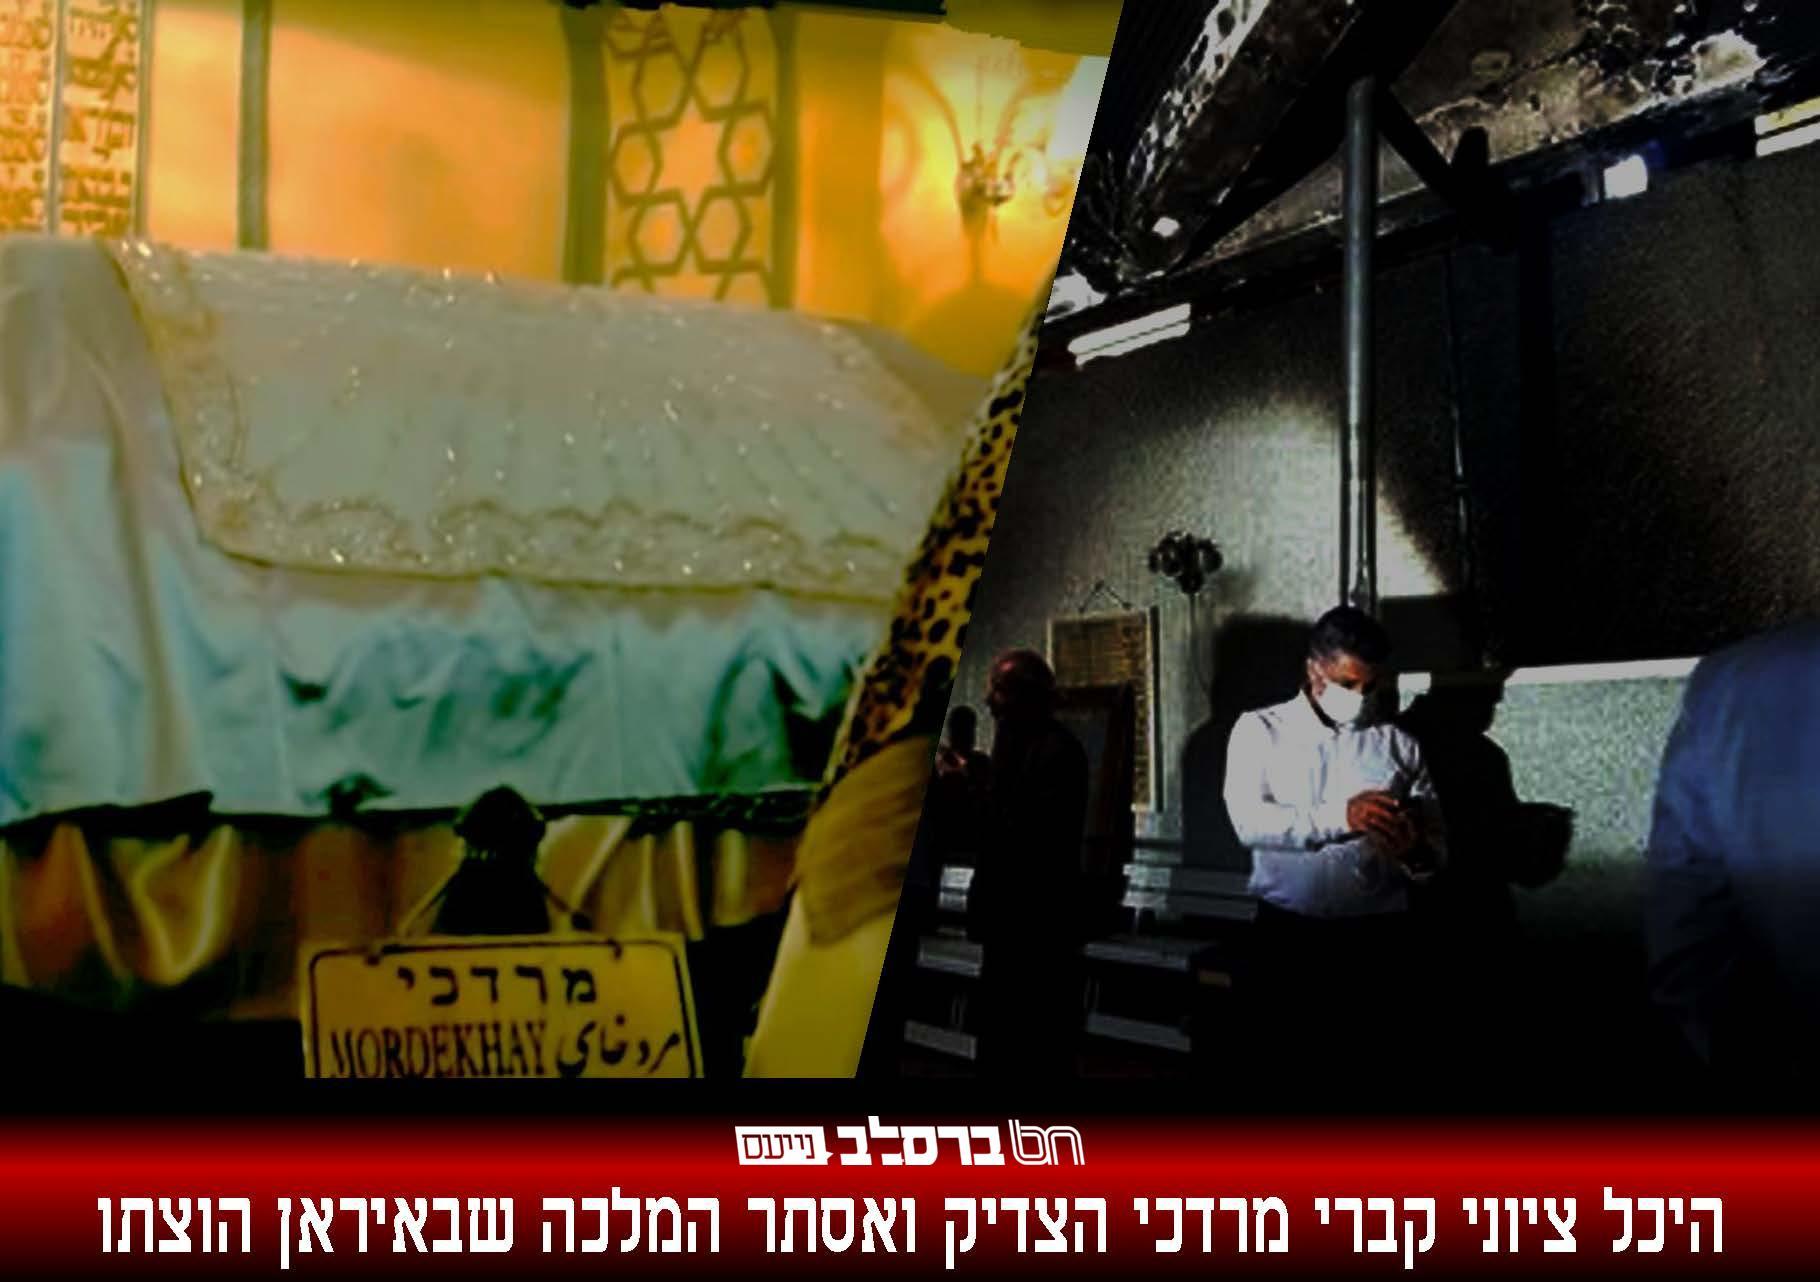 איראן: בניין קברי מרדכי היהודי ואסתר המלכה שבאיראן הוצת, בחסדי שמים אין ניזוקים בגוף